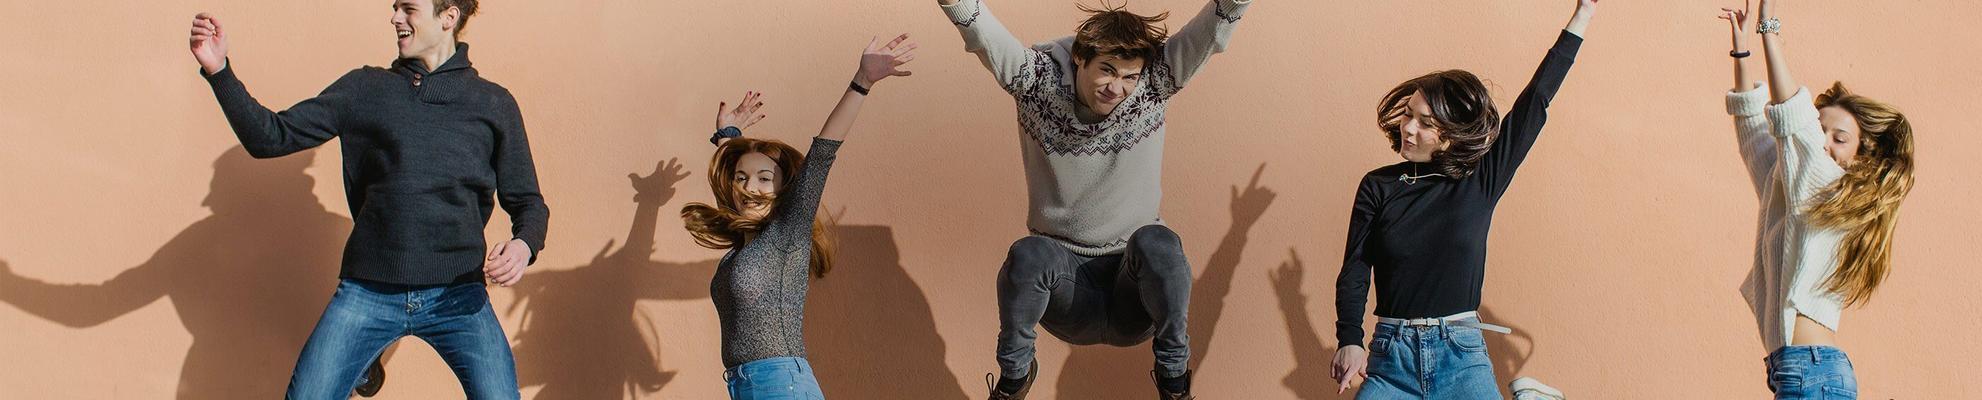 Un groupe d'amis qui sourient et sautent dans les airs avec les bras au-dessus de la tête